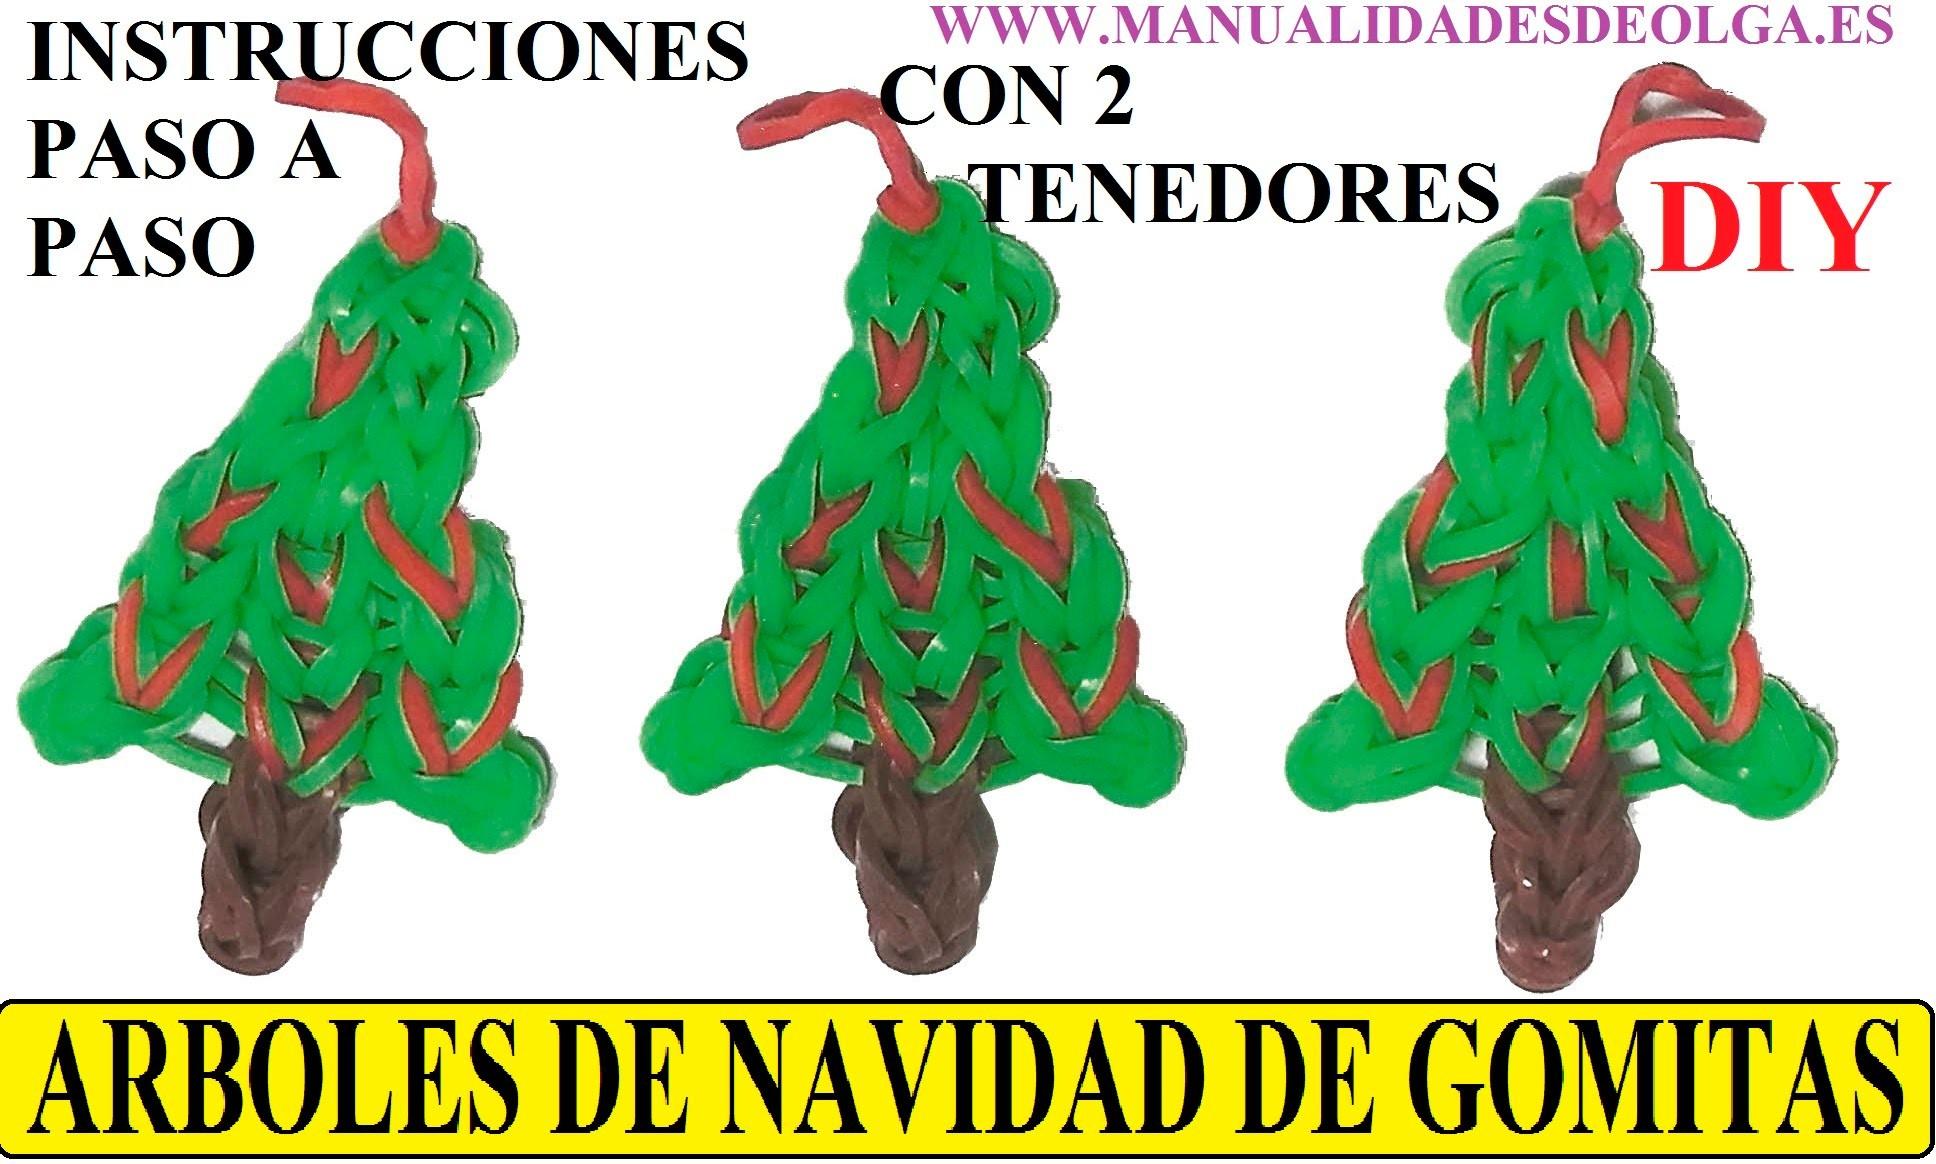 COMO HACER UN ARBOL DE NAVIDAD DE GOMITAS O LIGAS CON DOS TENEDORES, SIN TELAR. TUTORIAL